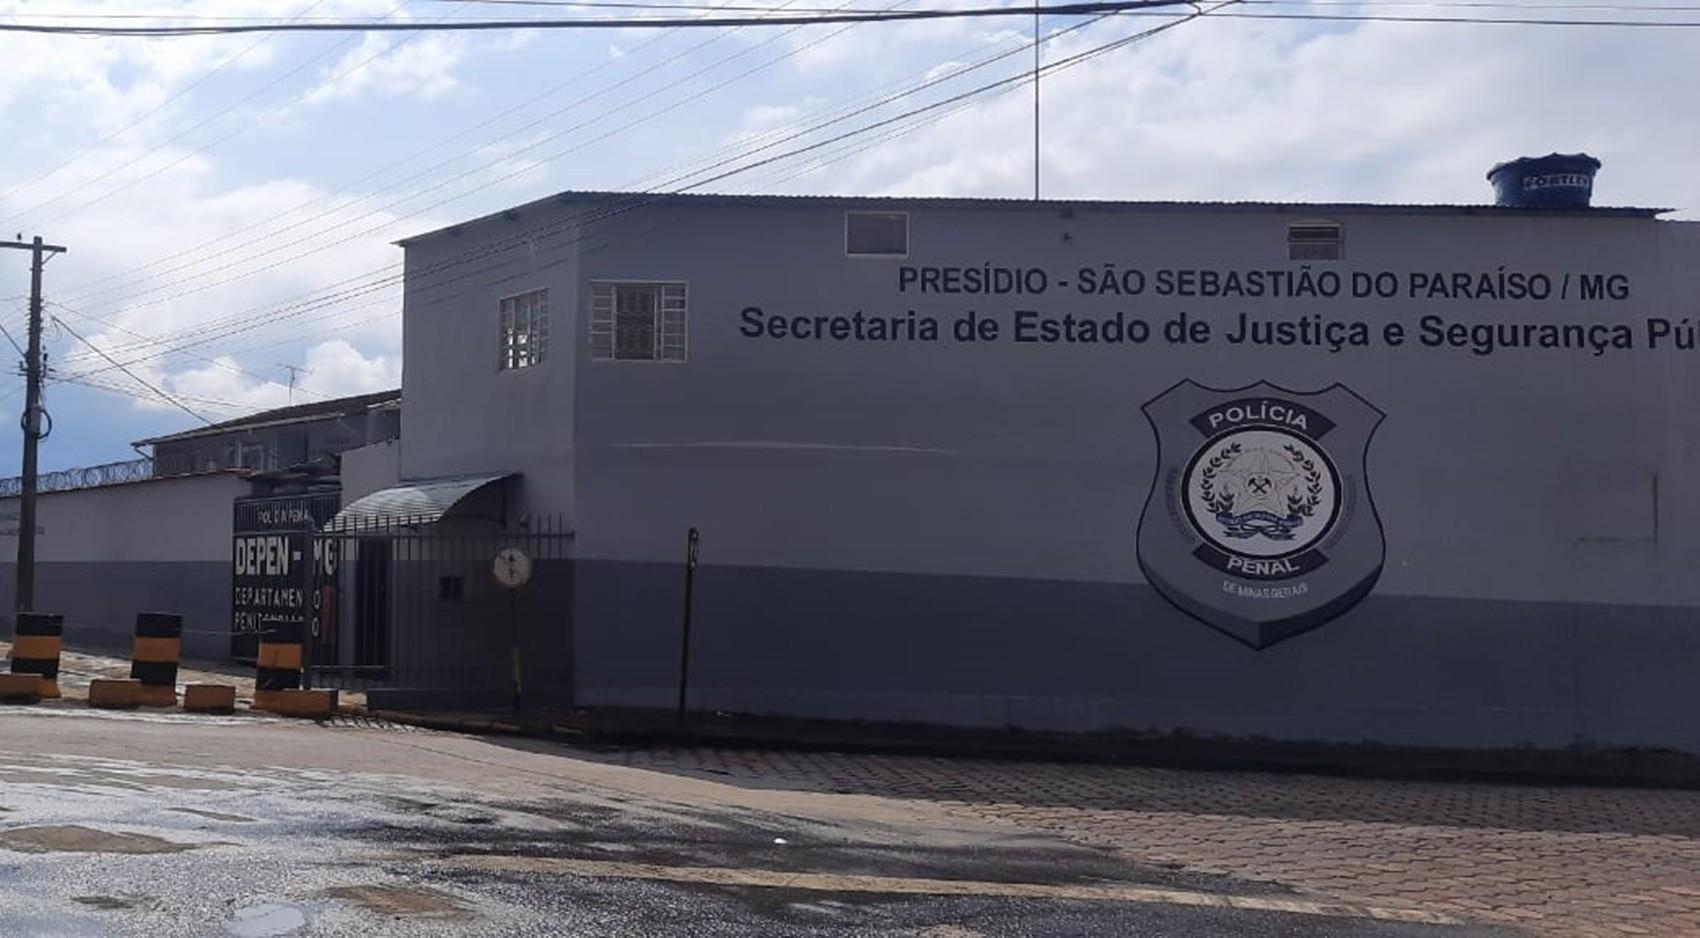 Sobe para 11 o número de detentos recapturados do presídio de São Sebastião do Paraíso, MG